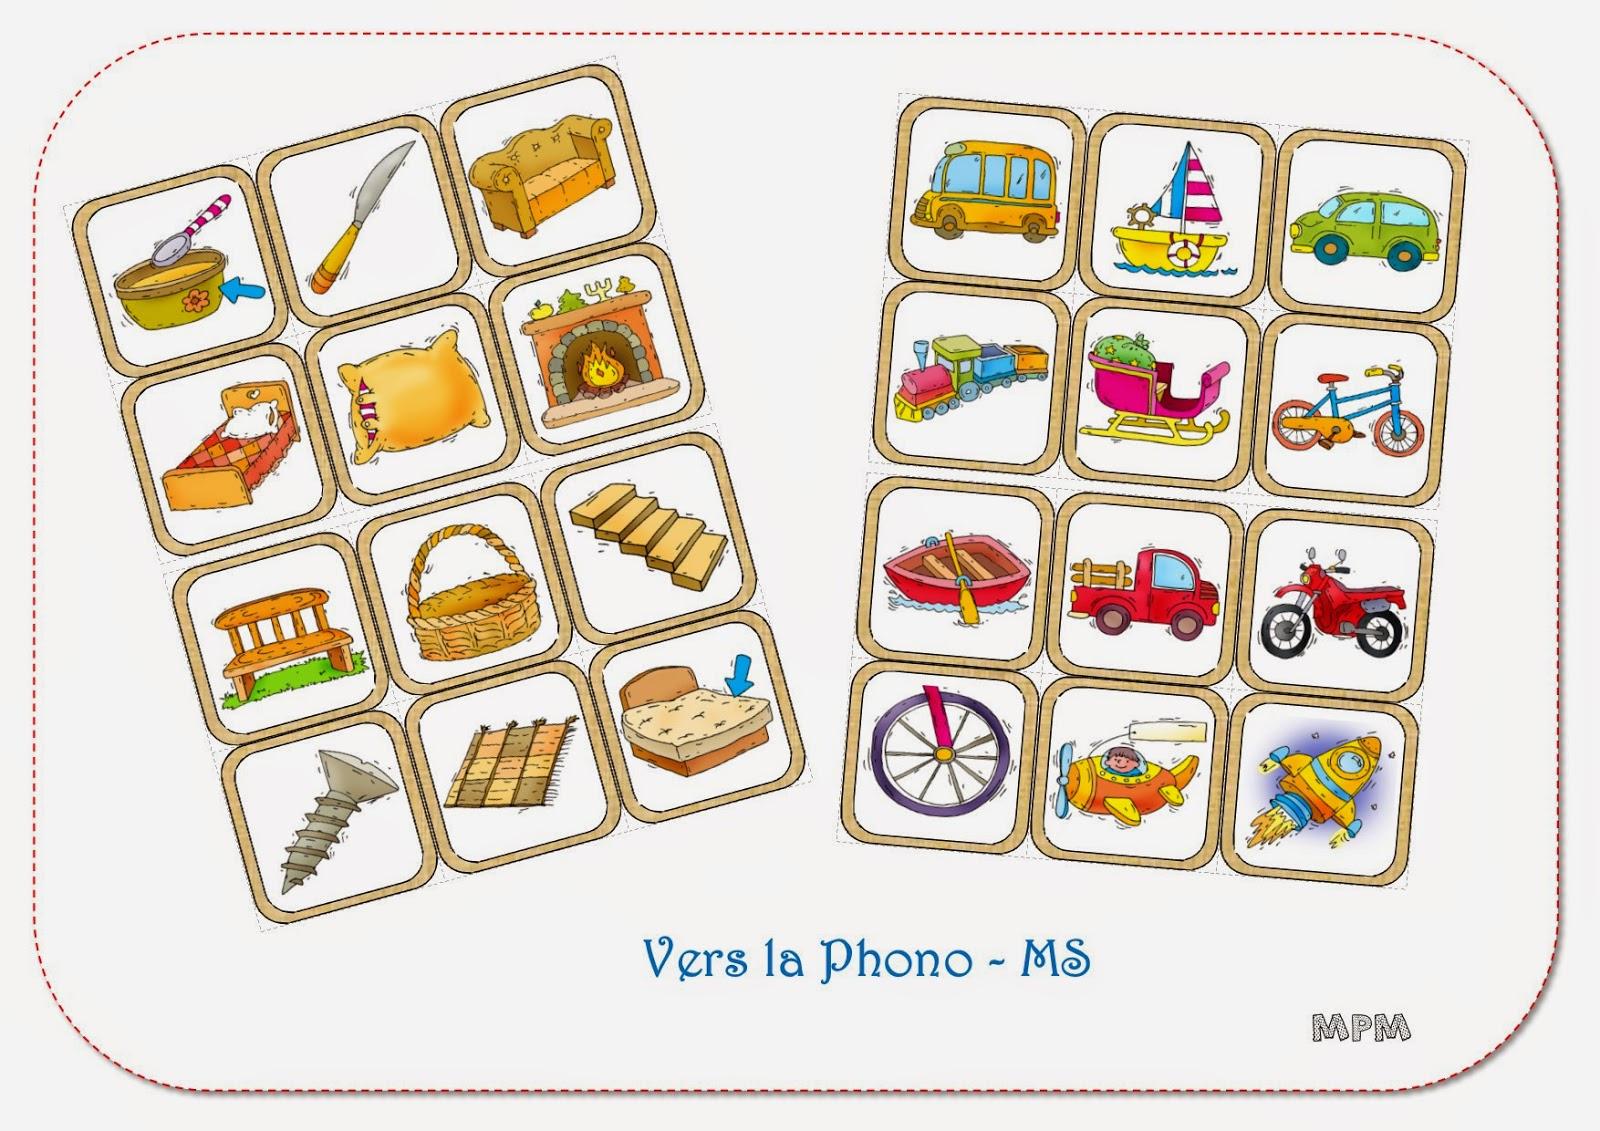 Phonologie MS - imagier de la maison et des transports